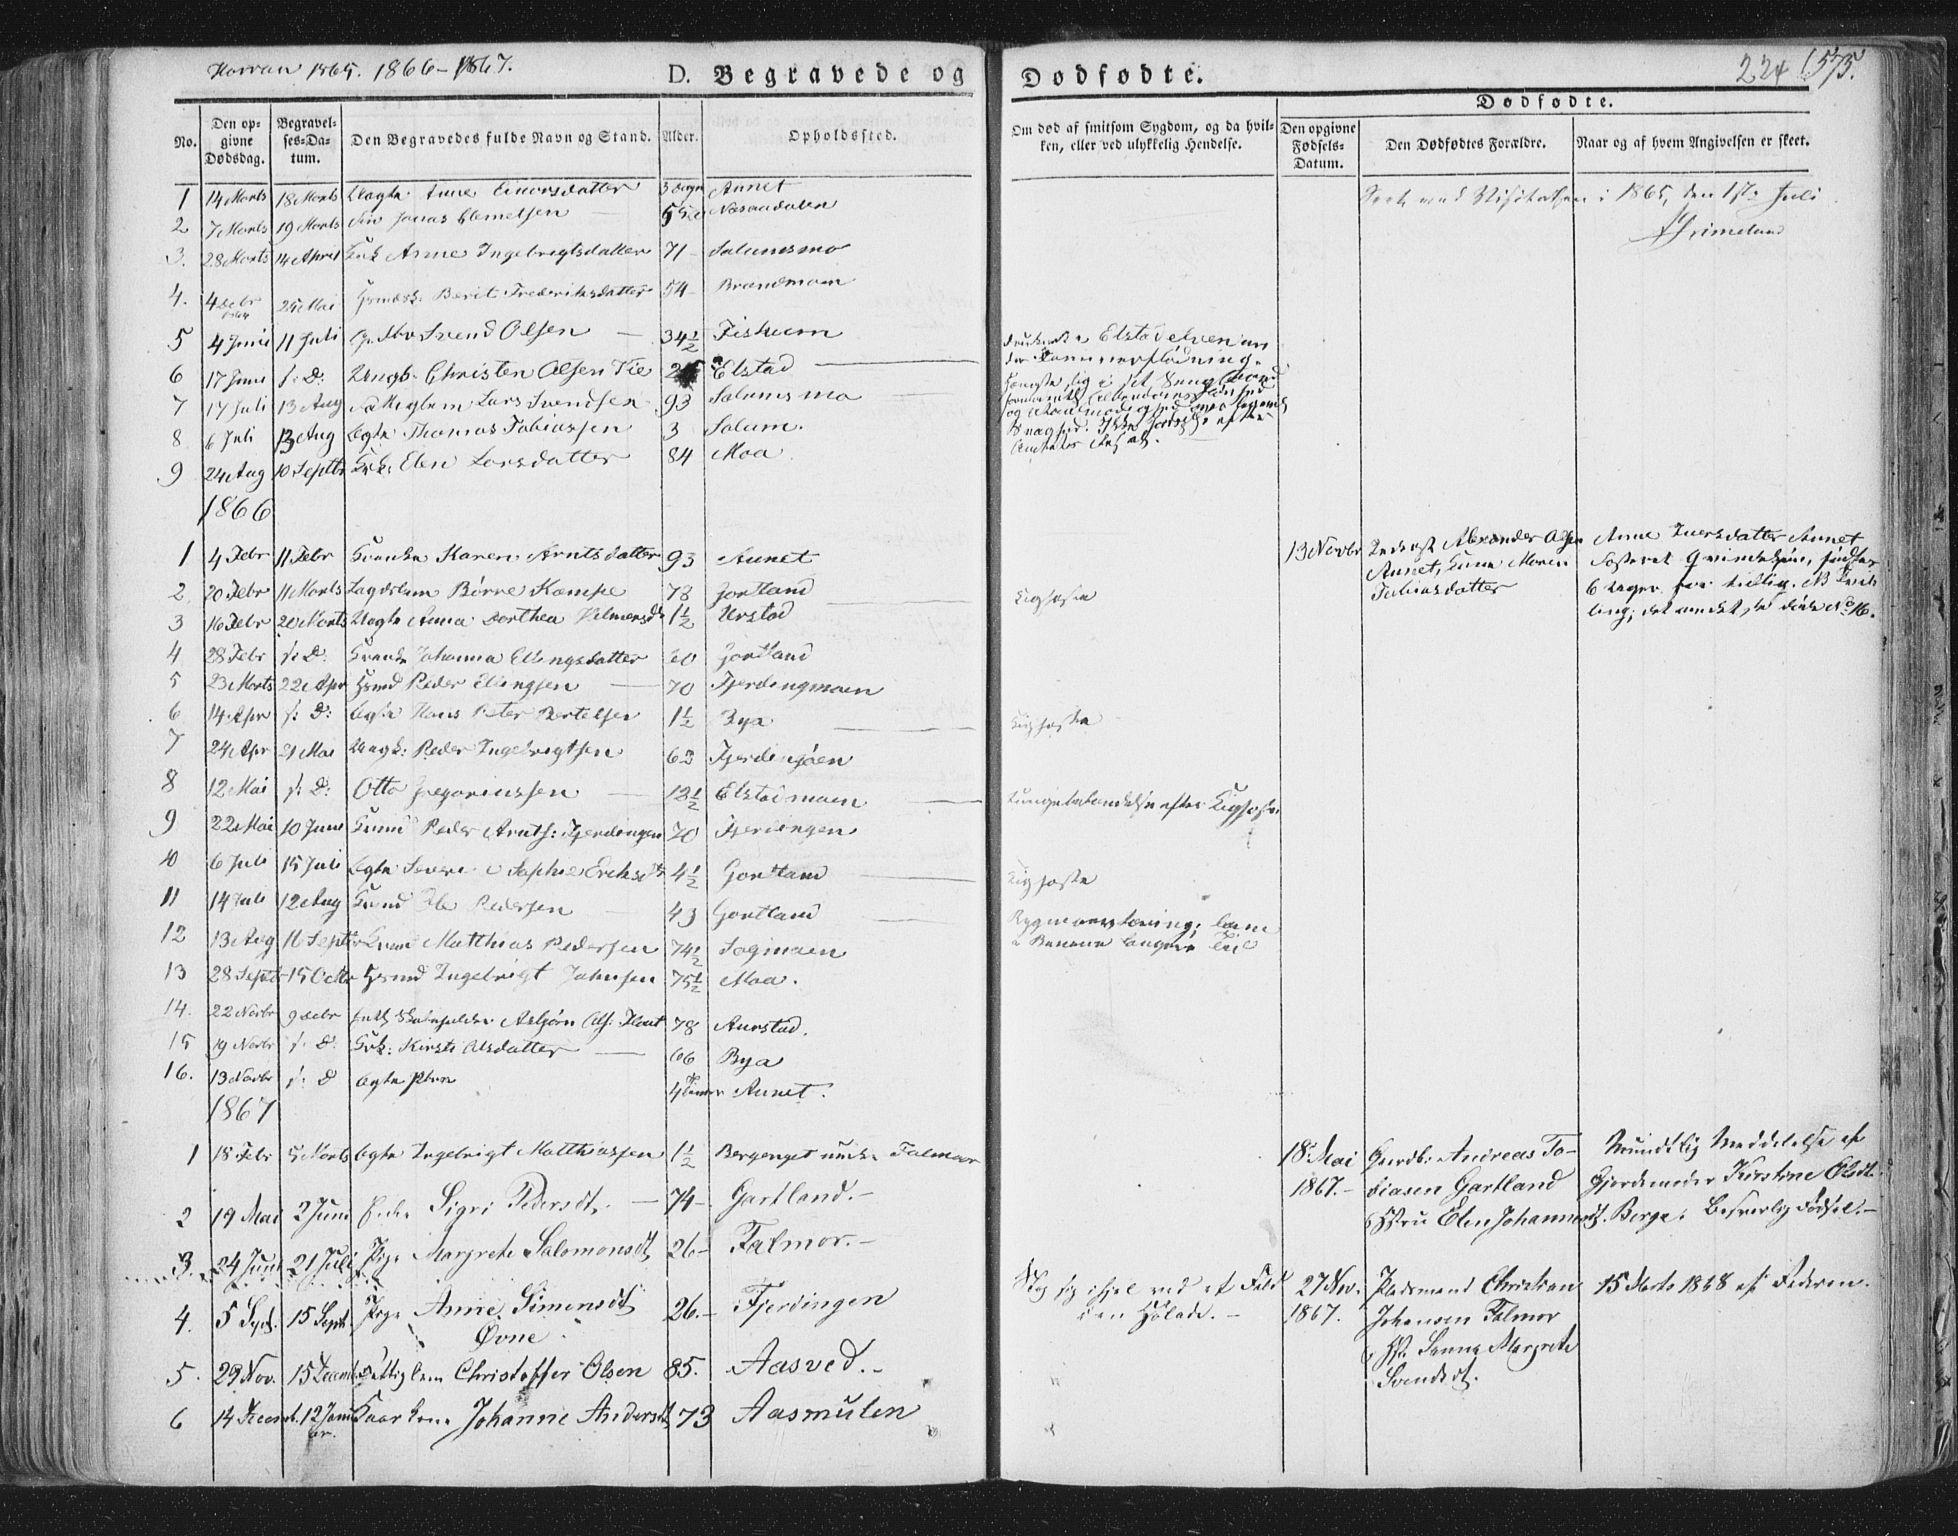 SAT, Ministerialprotokoller, klokkerbøker og fødselsregistre - Nord-Trøndelag, 758/L0513: Ministerialbok nr. 758A02 /3, 1839-1868, s. 224